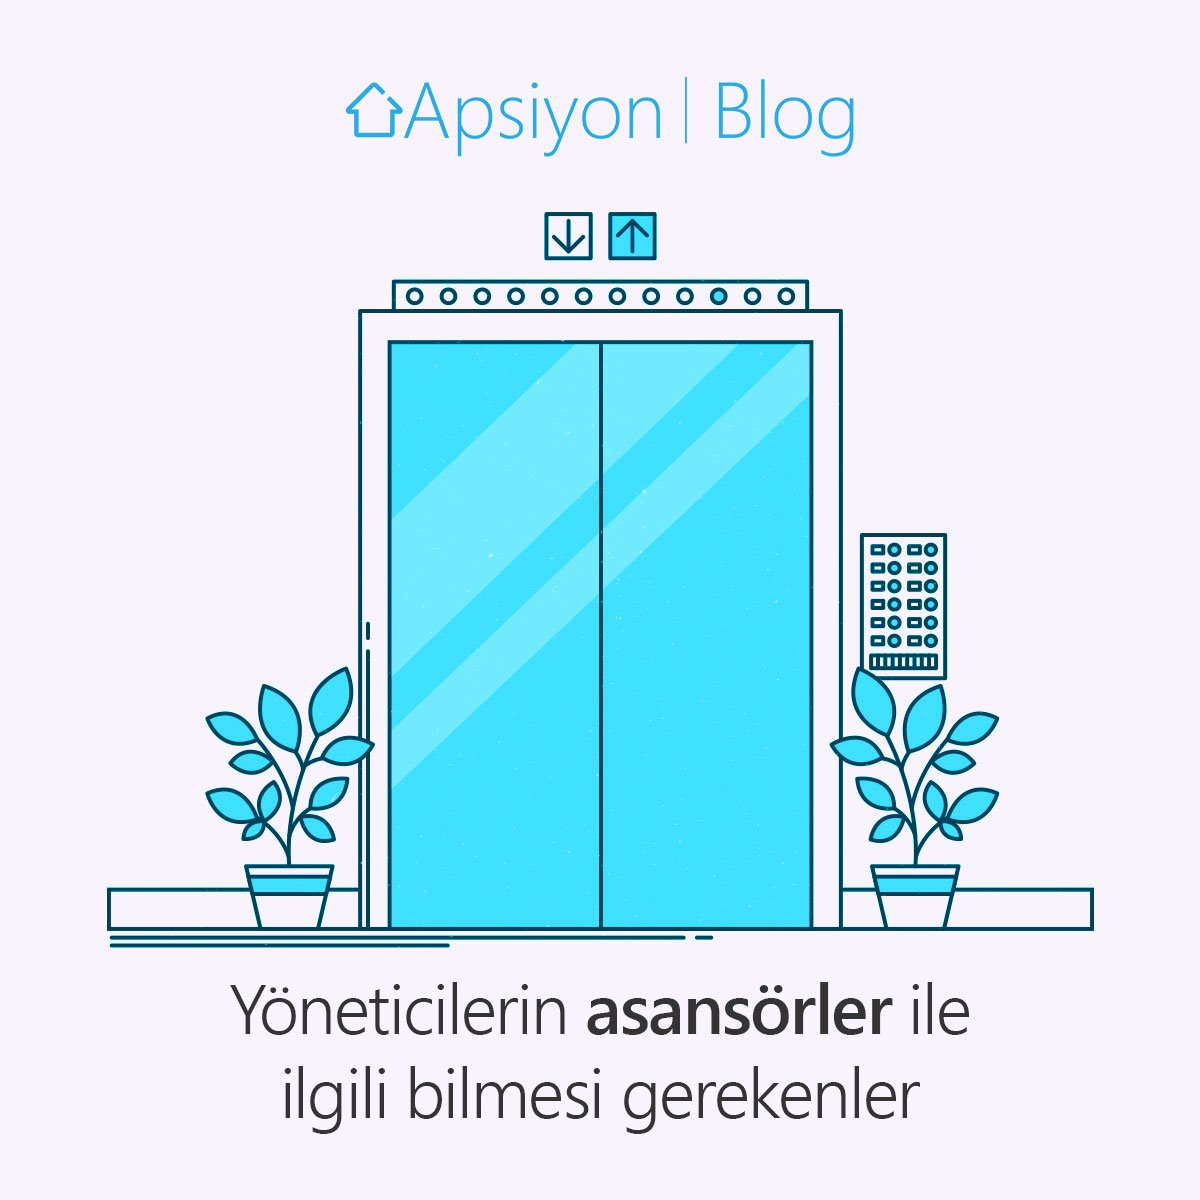 Apartman ve Site Yöneticilerinin Asansörler ile İlgili Bilmesi Gerekenler